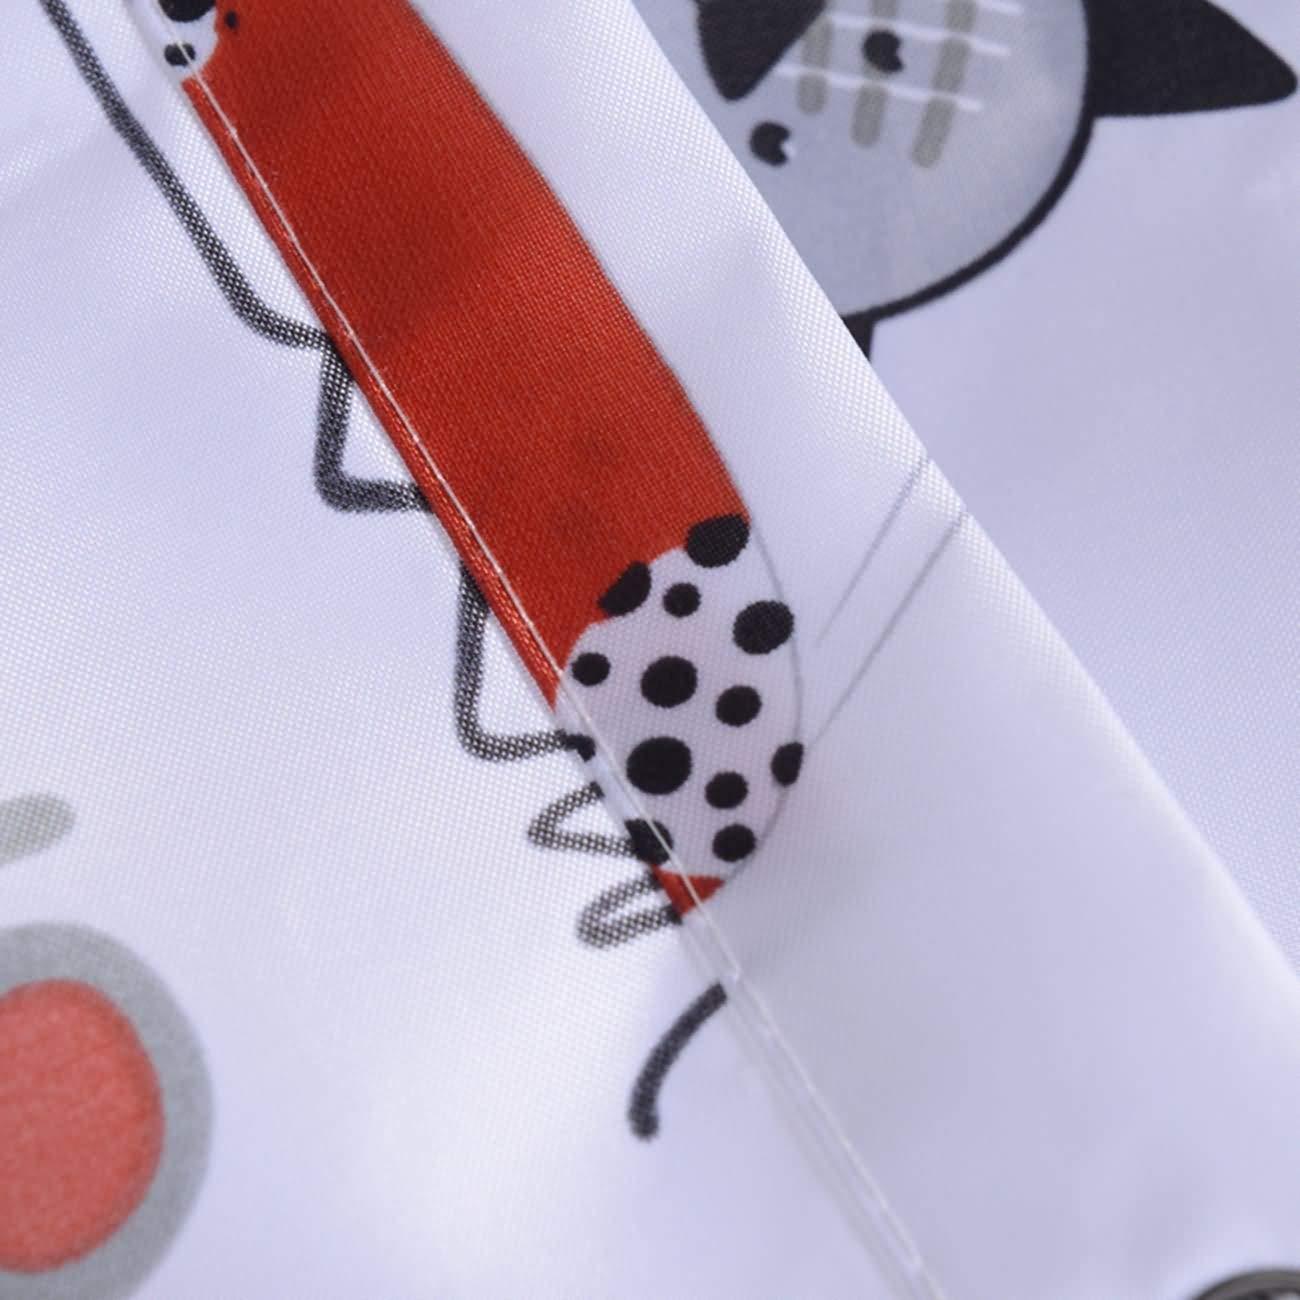 Daesar Cortina Ba/ño Antimoho Cortina Ducha 3D 80x180 Dibujos Animados Gato Cortinas Ba/ño Cortina de Ducha Vintage Cortinas de Ba/ño Poli/éster